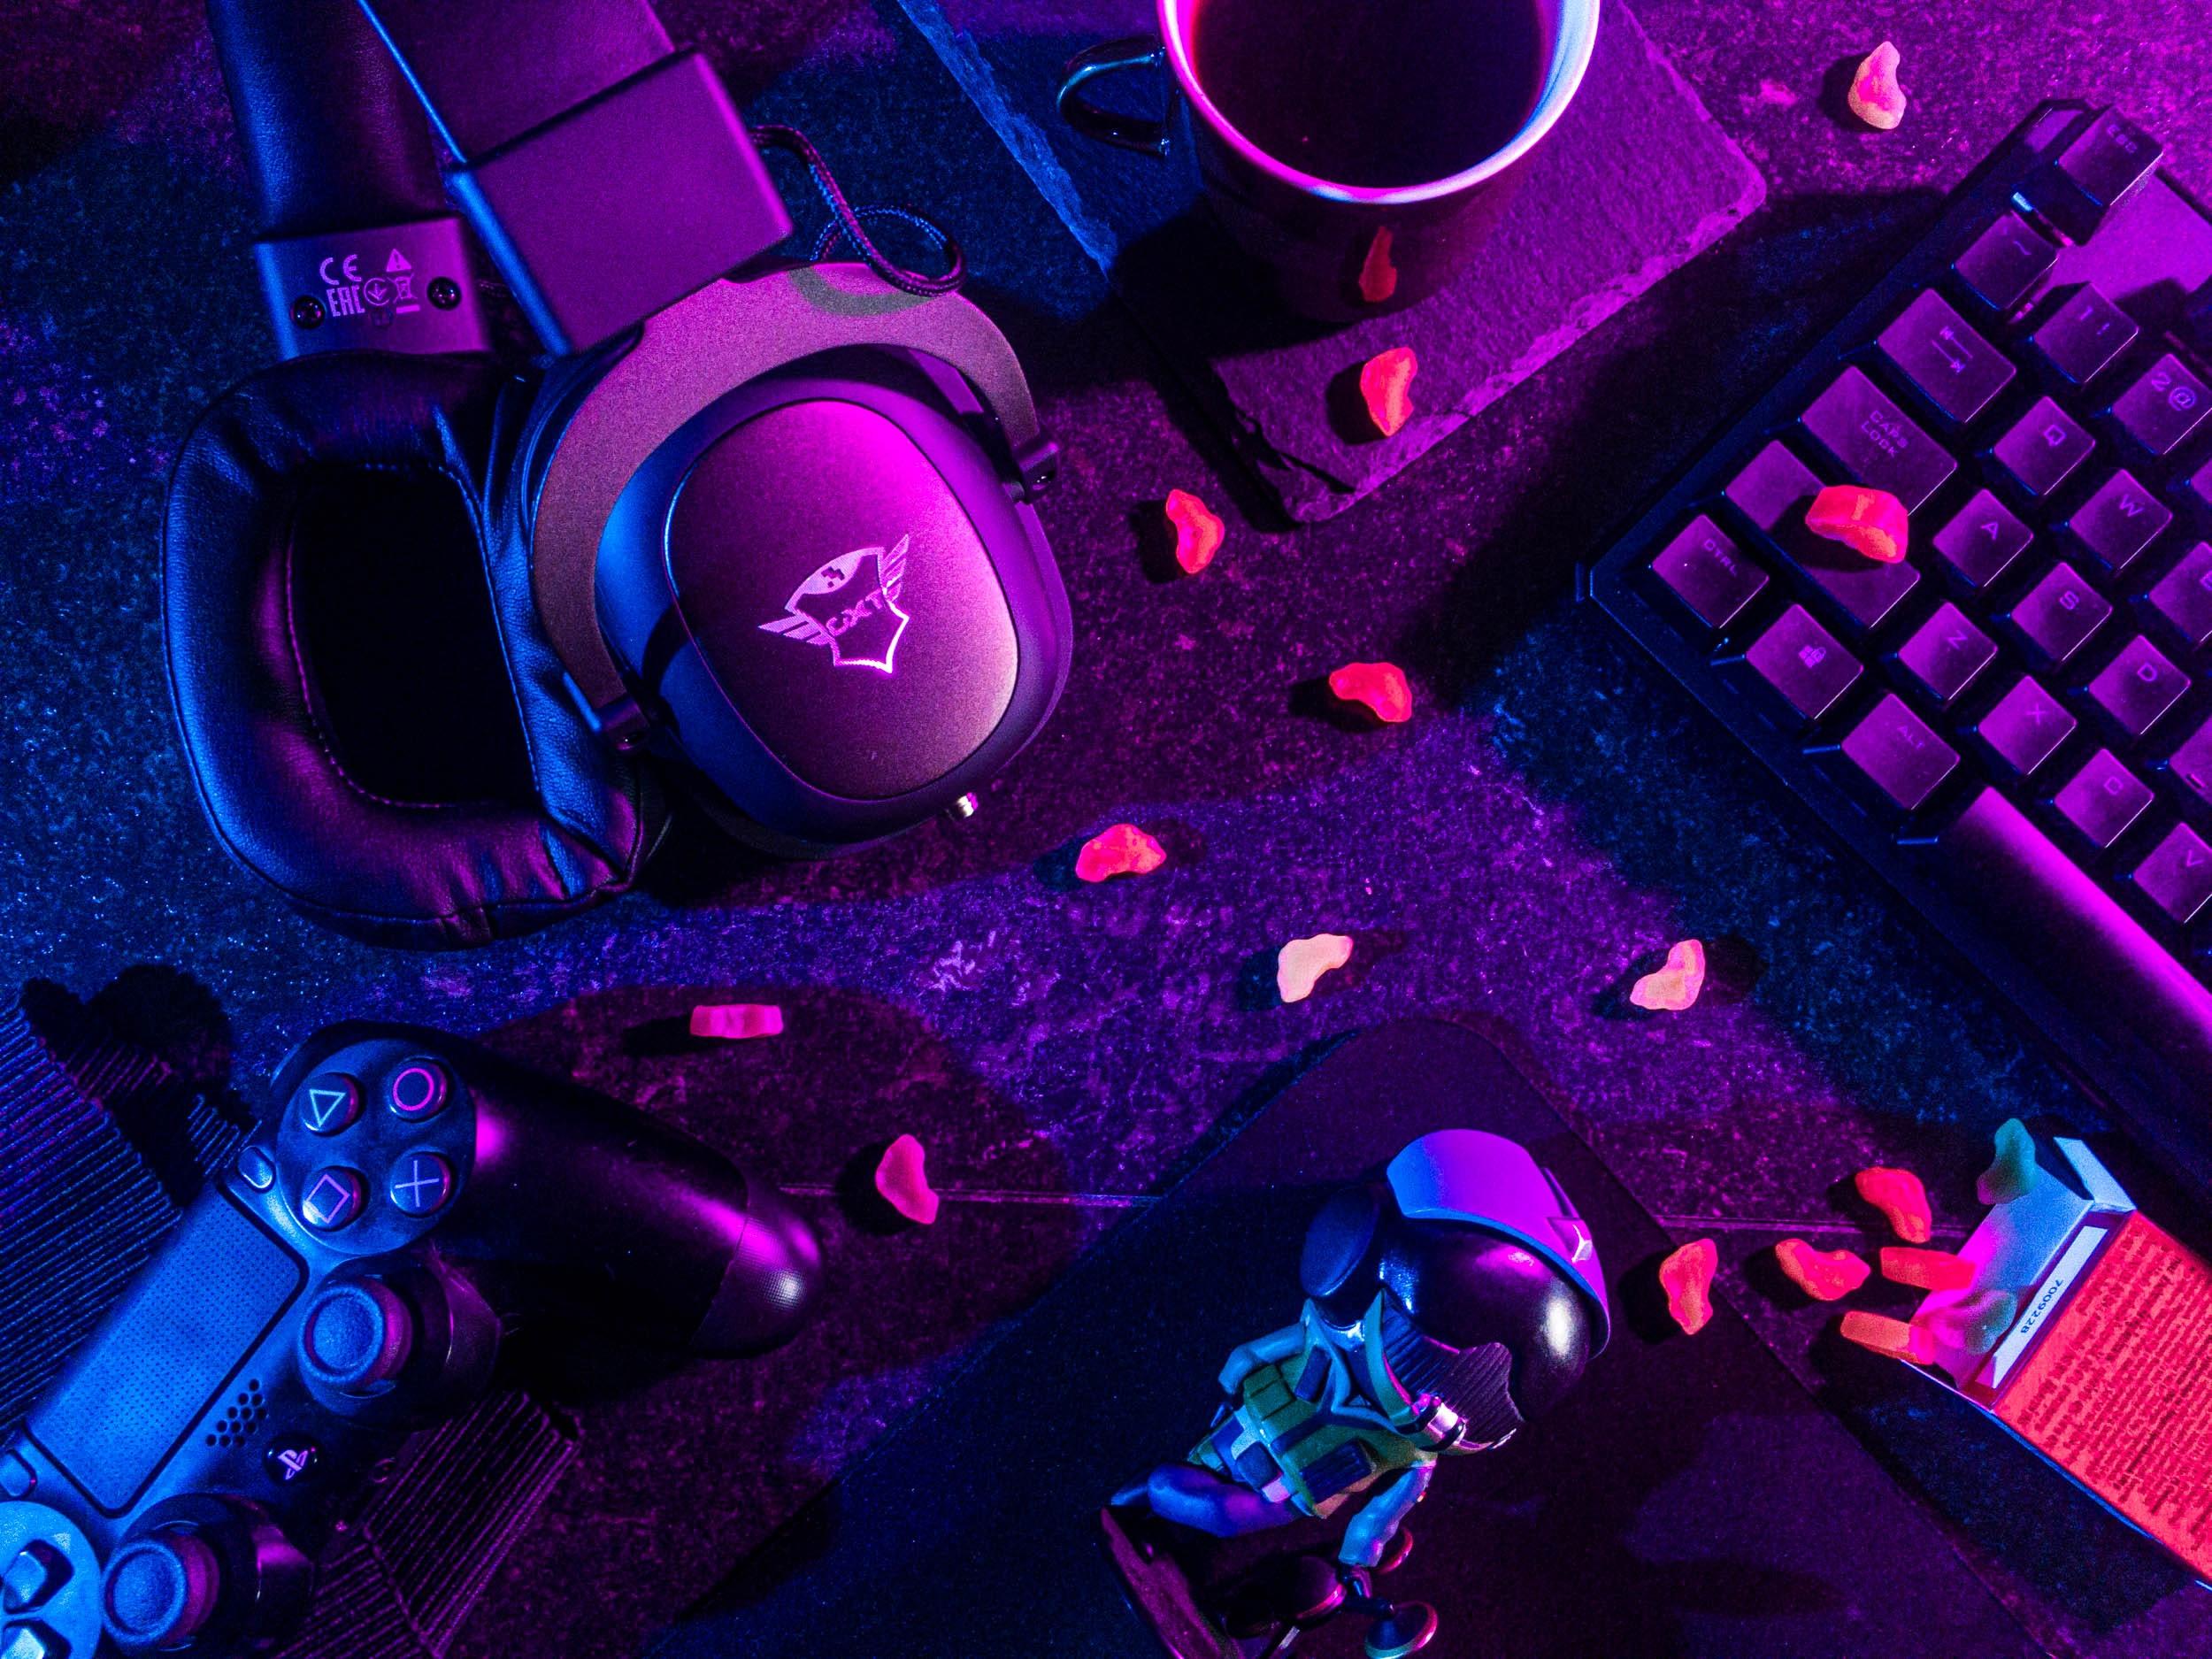 Mesa com alguns objetos ligados aos games: controle remoto, bonequinho, café, drops e teclado de computador